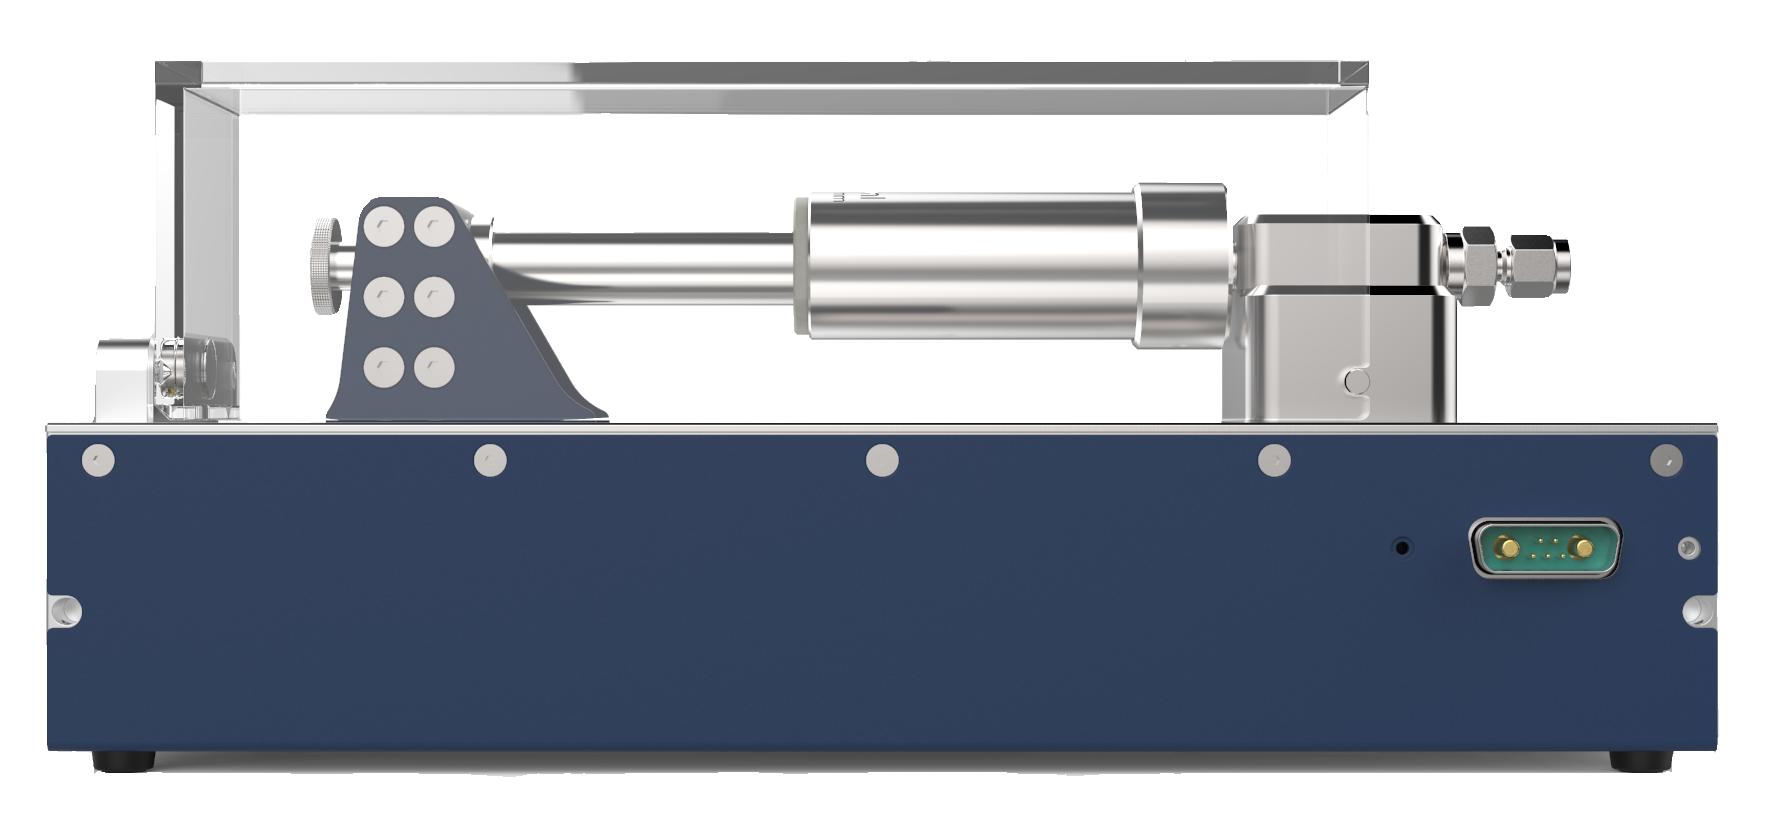 nemesys high pressure module